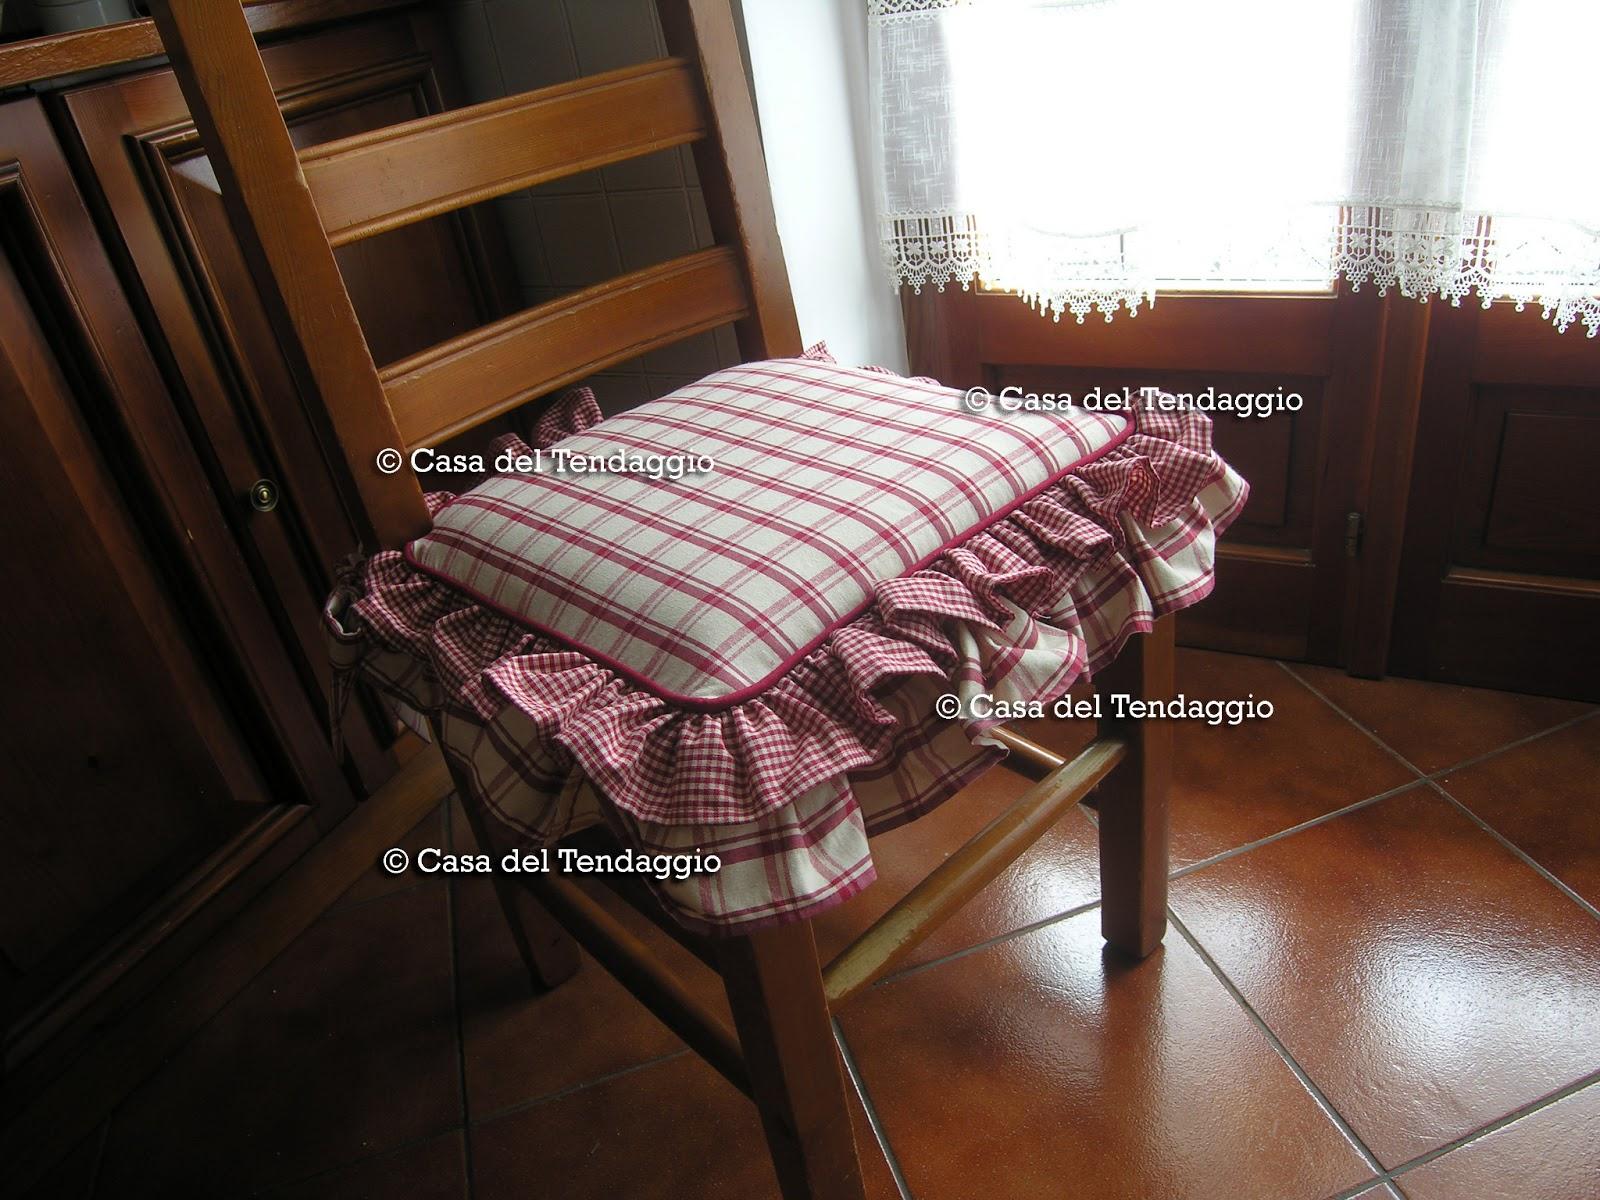 Conosciuto cuscini country per sedia | Tendenzialmente country JA24